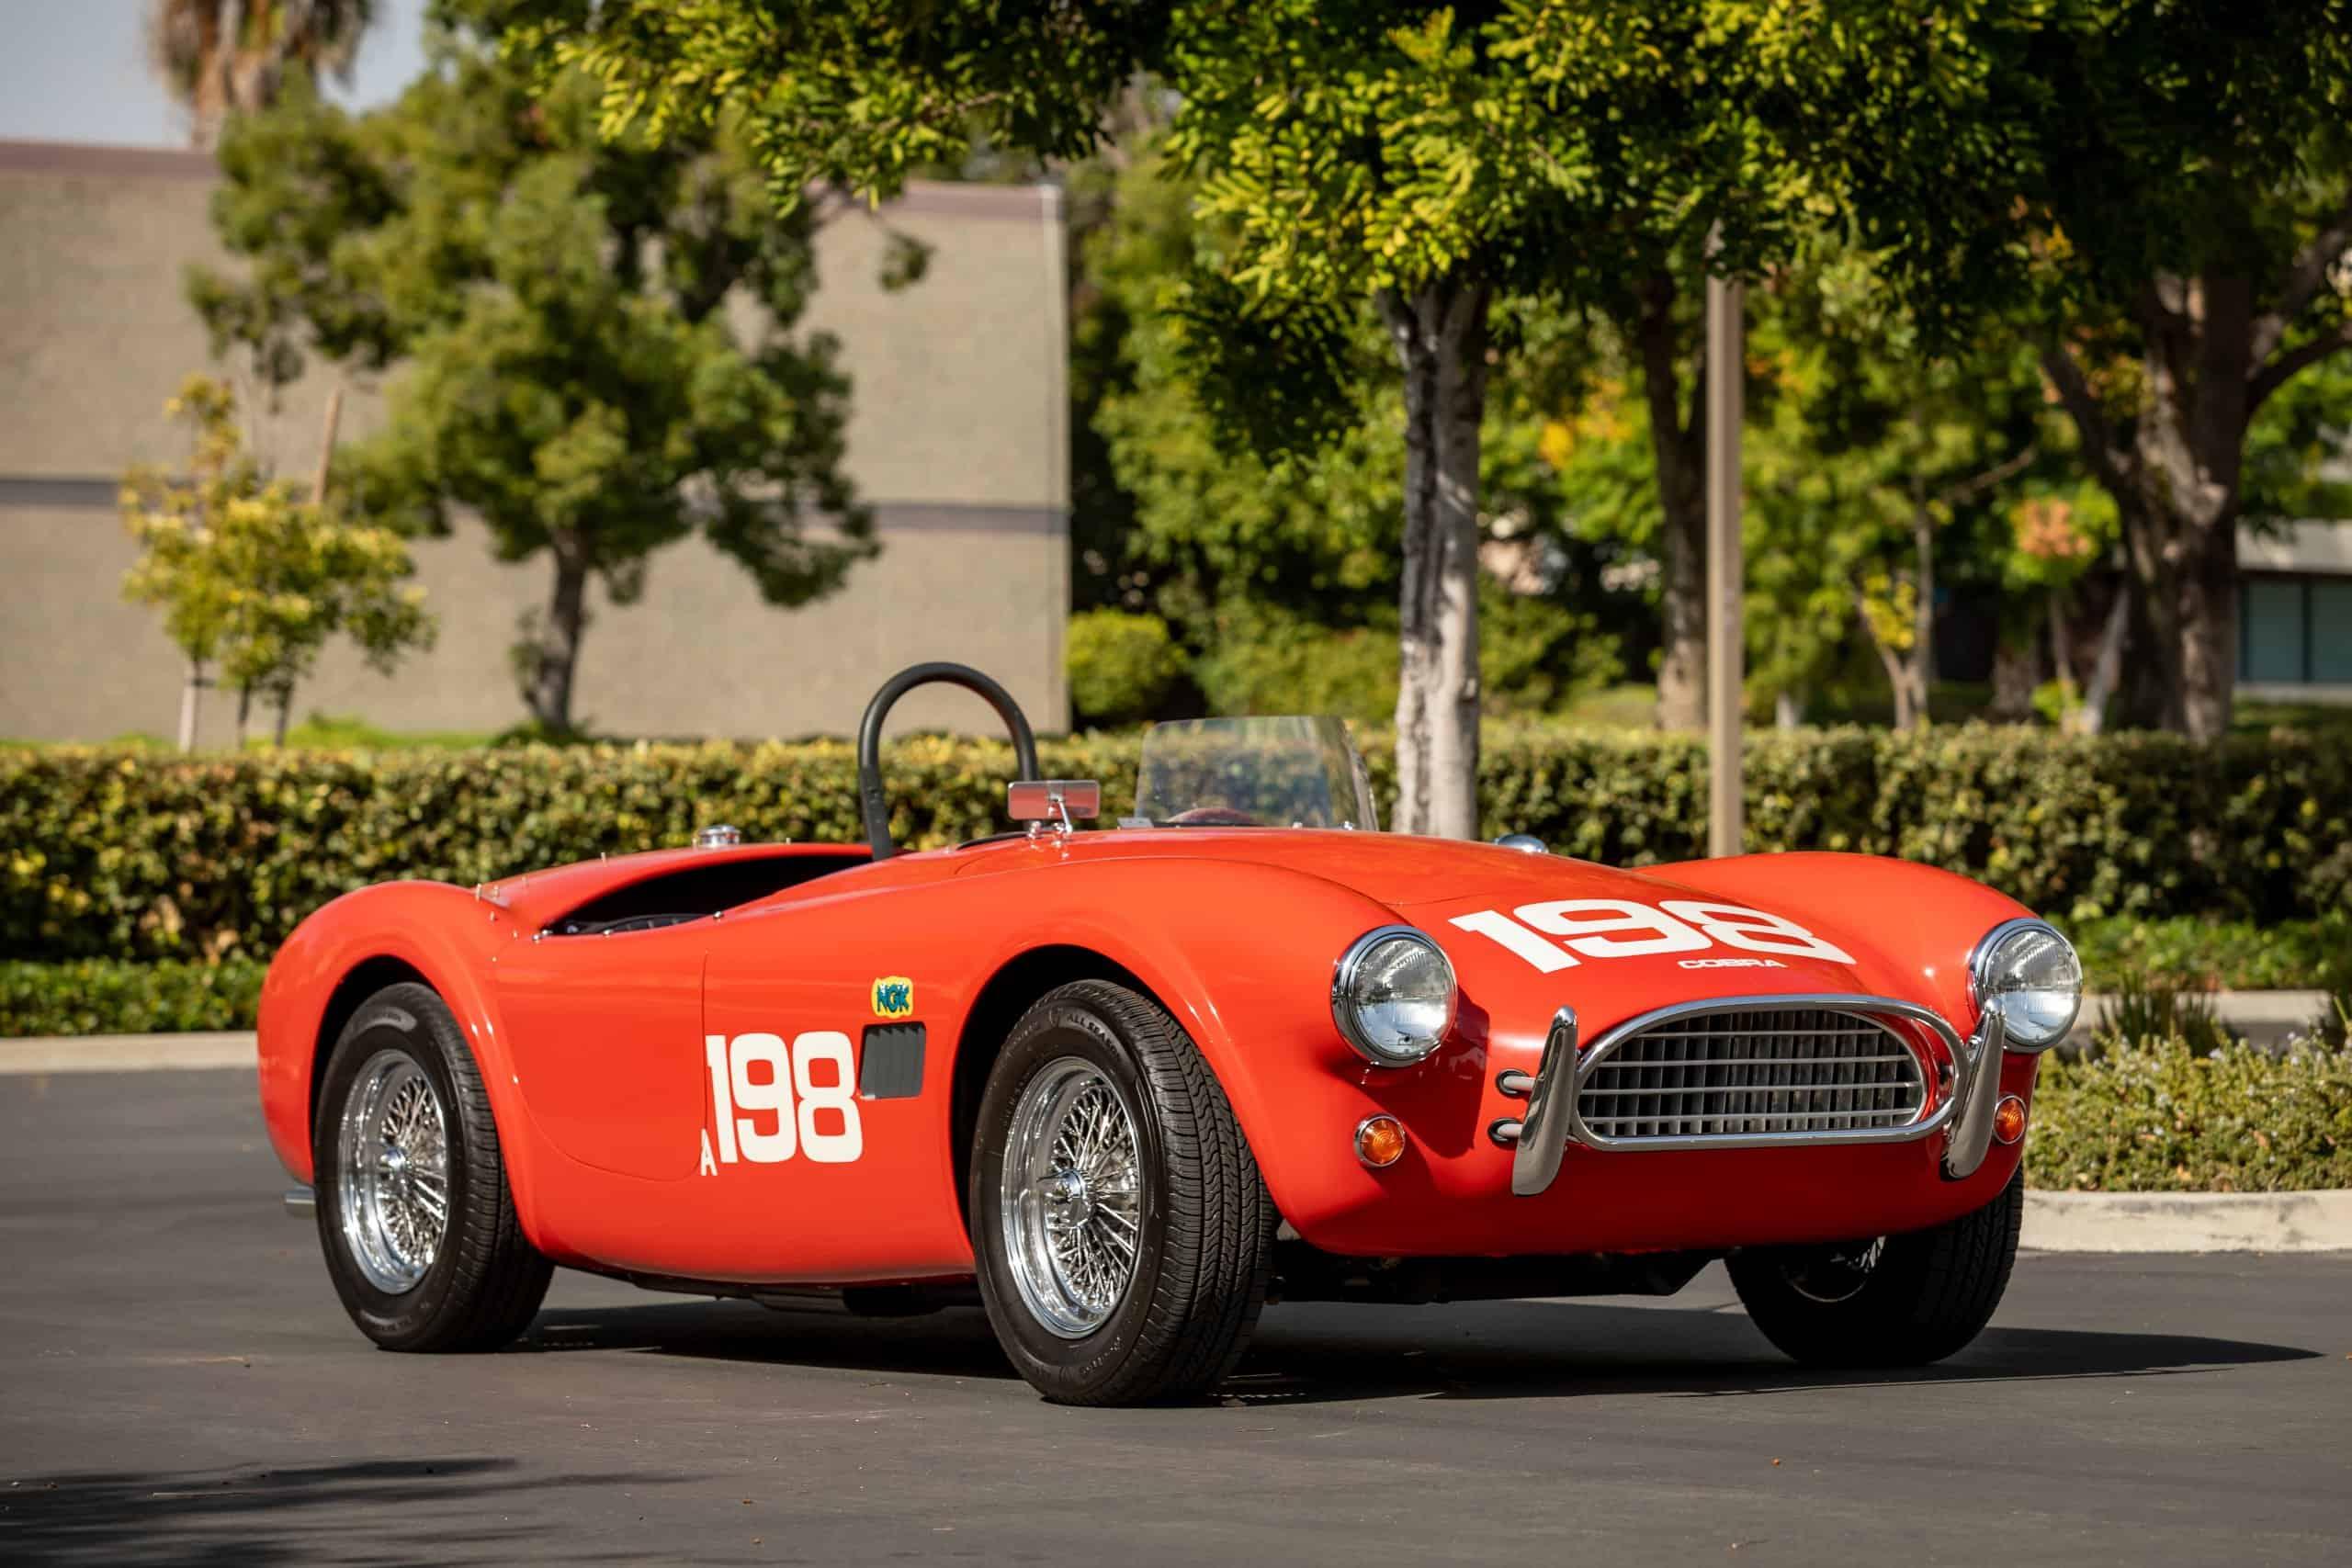 Ferrari, Meet the man behind the 'Ford v. Ferrari' movie cars, ClassicCars.com Journal